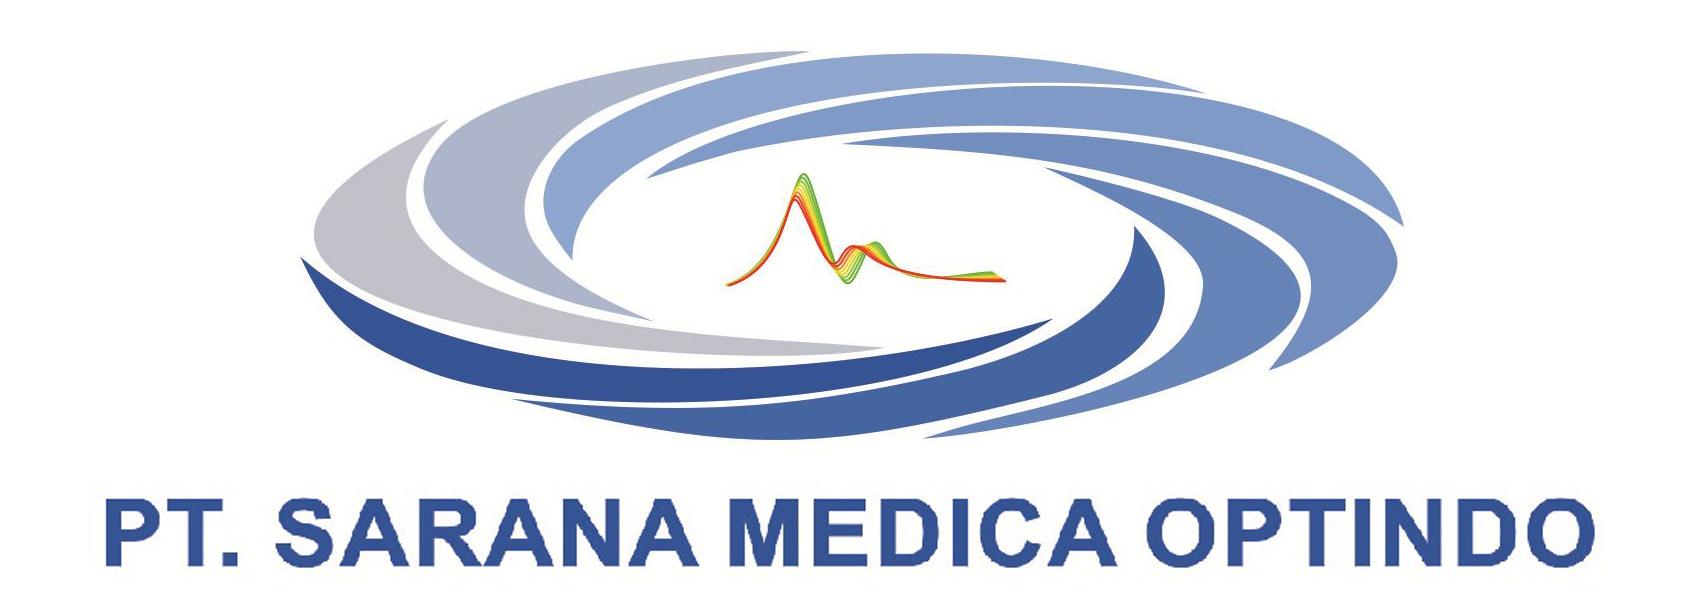 PT. SARANA MEDICA OPTINDO